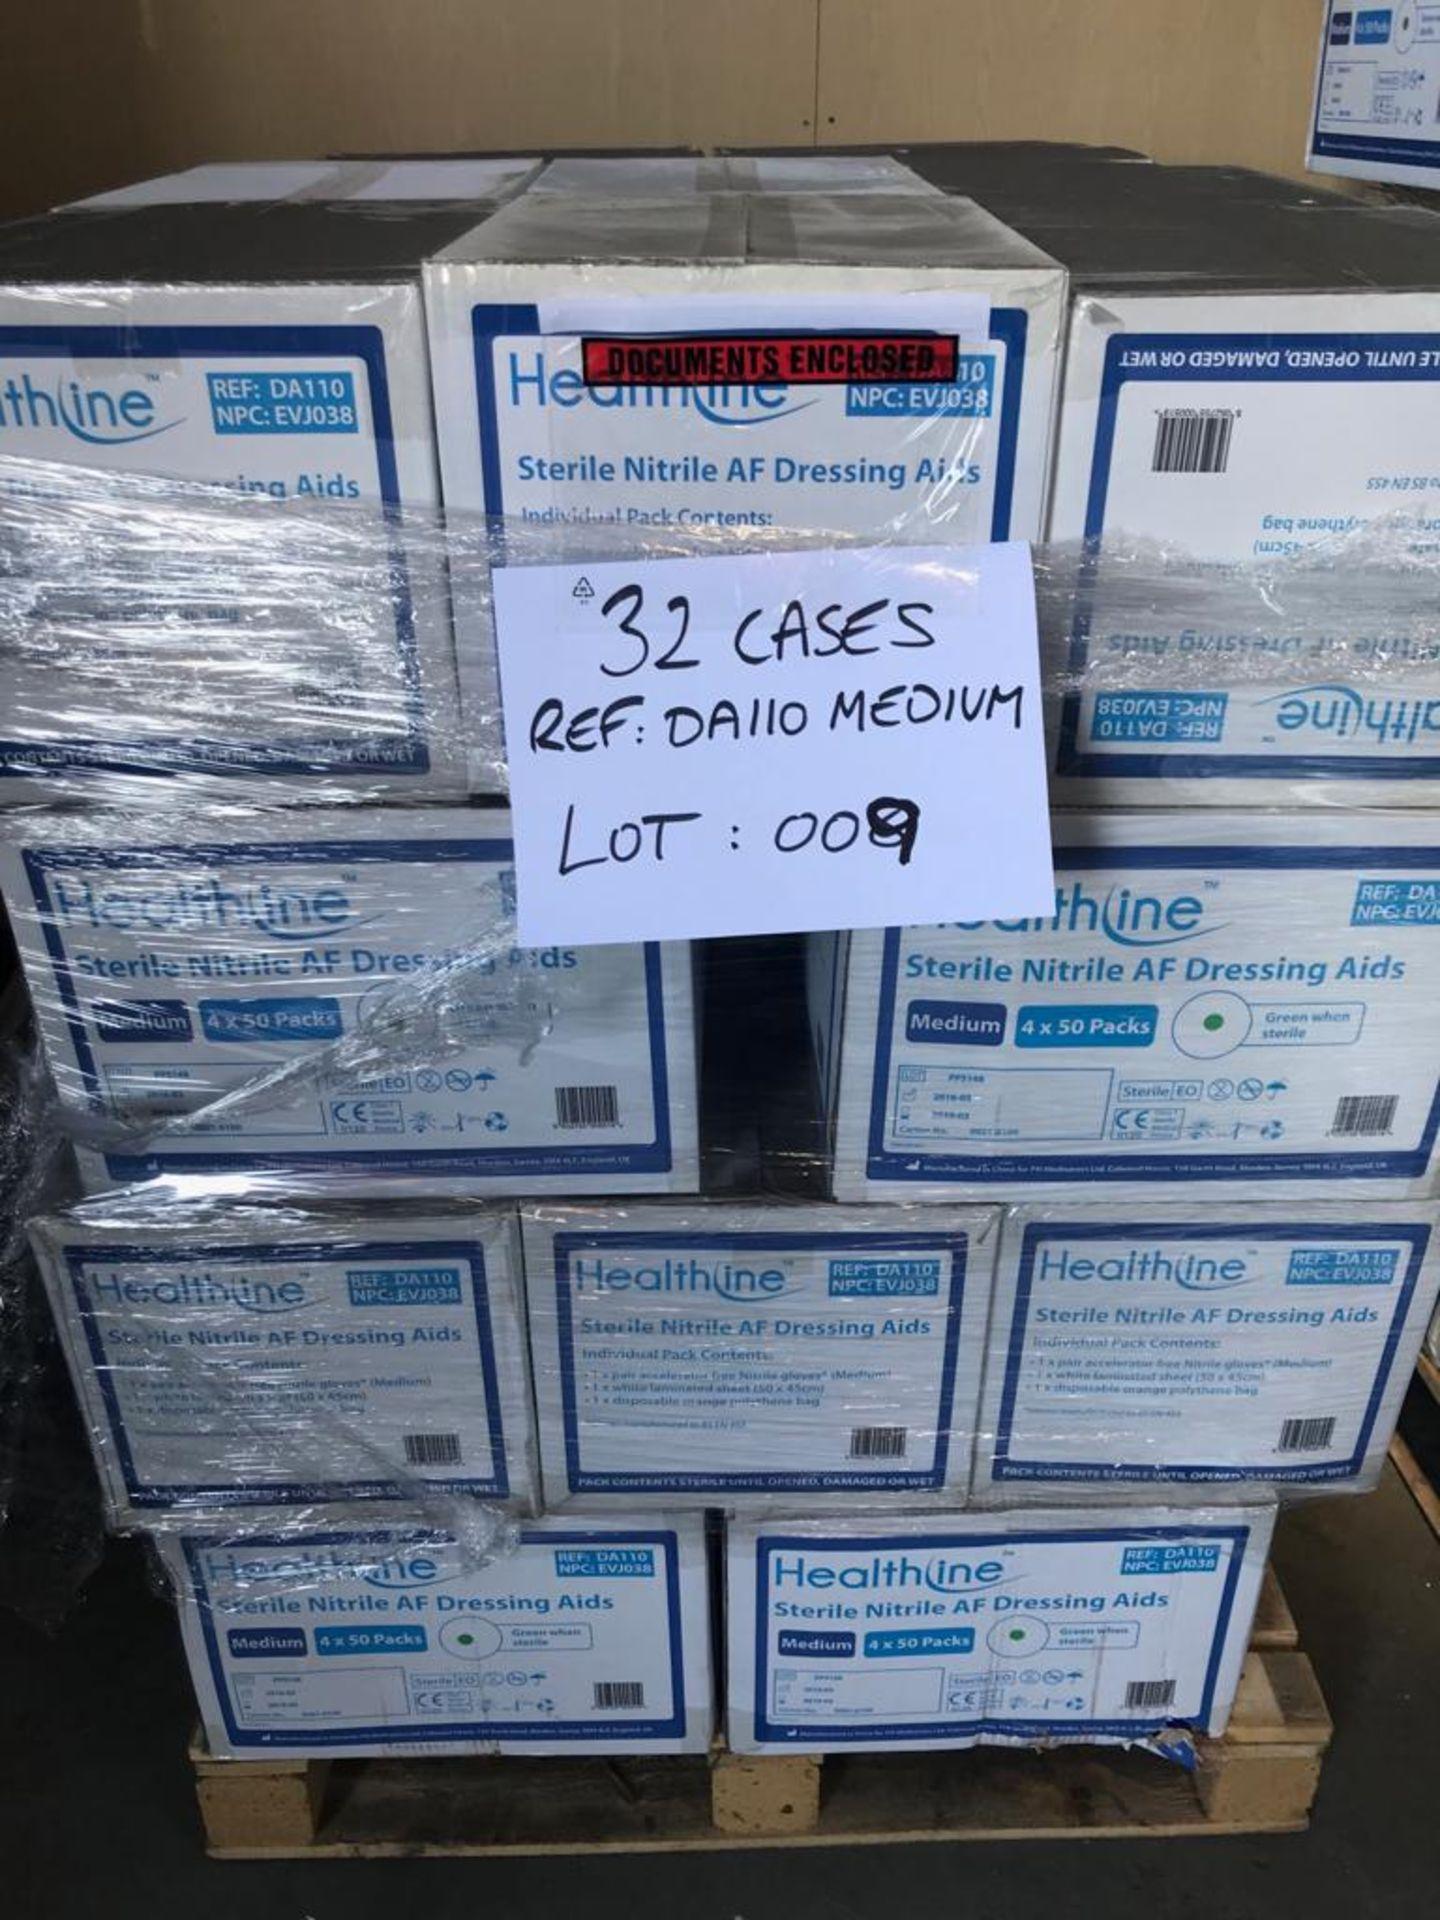 Lot 9 - STERILE NITRILE AF DRESSING AIDS MEDIUM 32 CASES ON PALLET